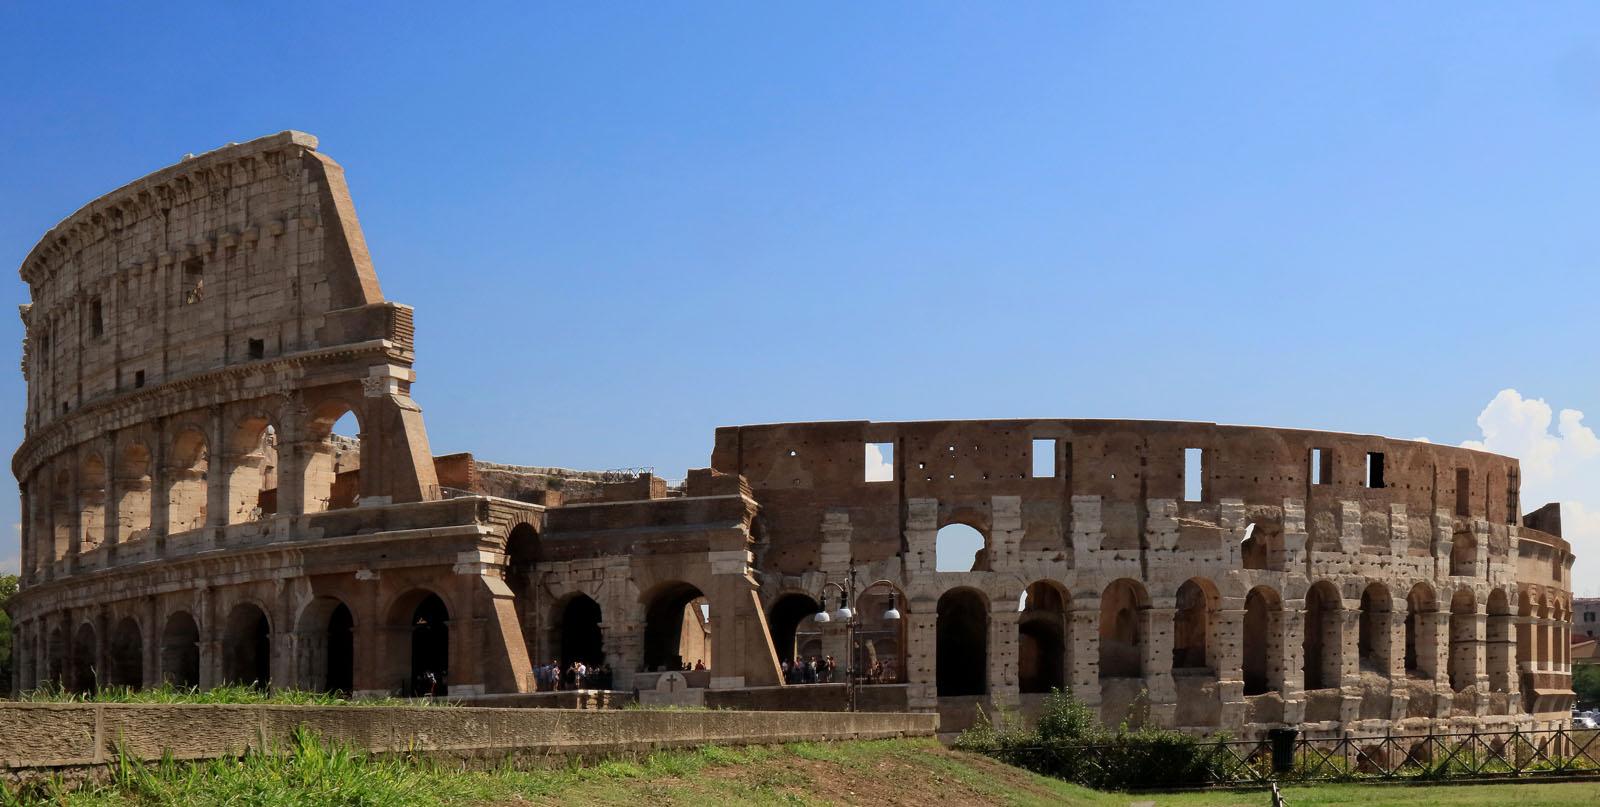 Da novembre 2019 aumenterà a 16 euro il biglietto del Parco Archeologico del Colosseo